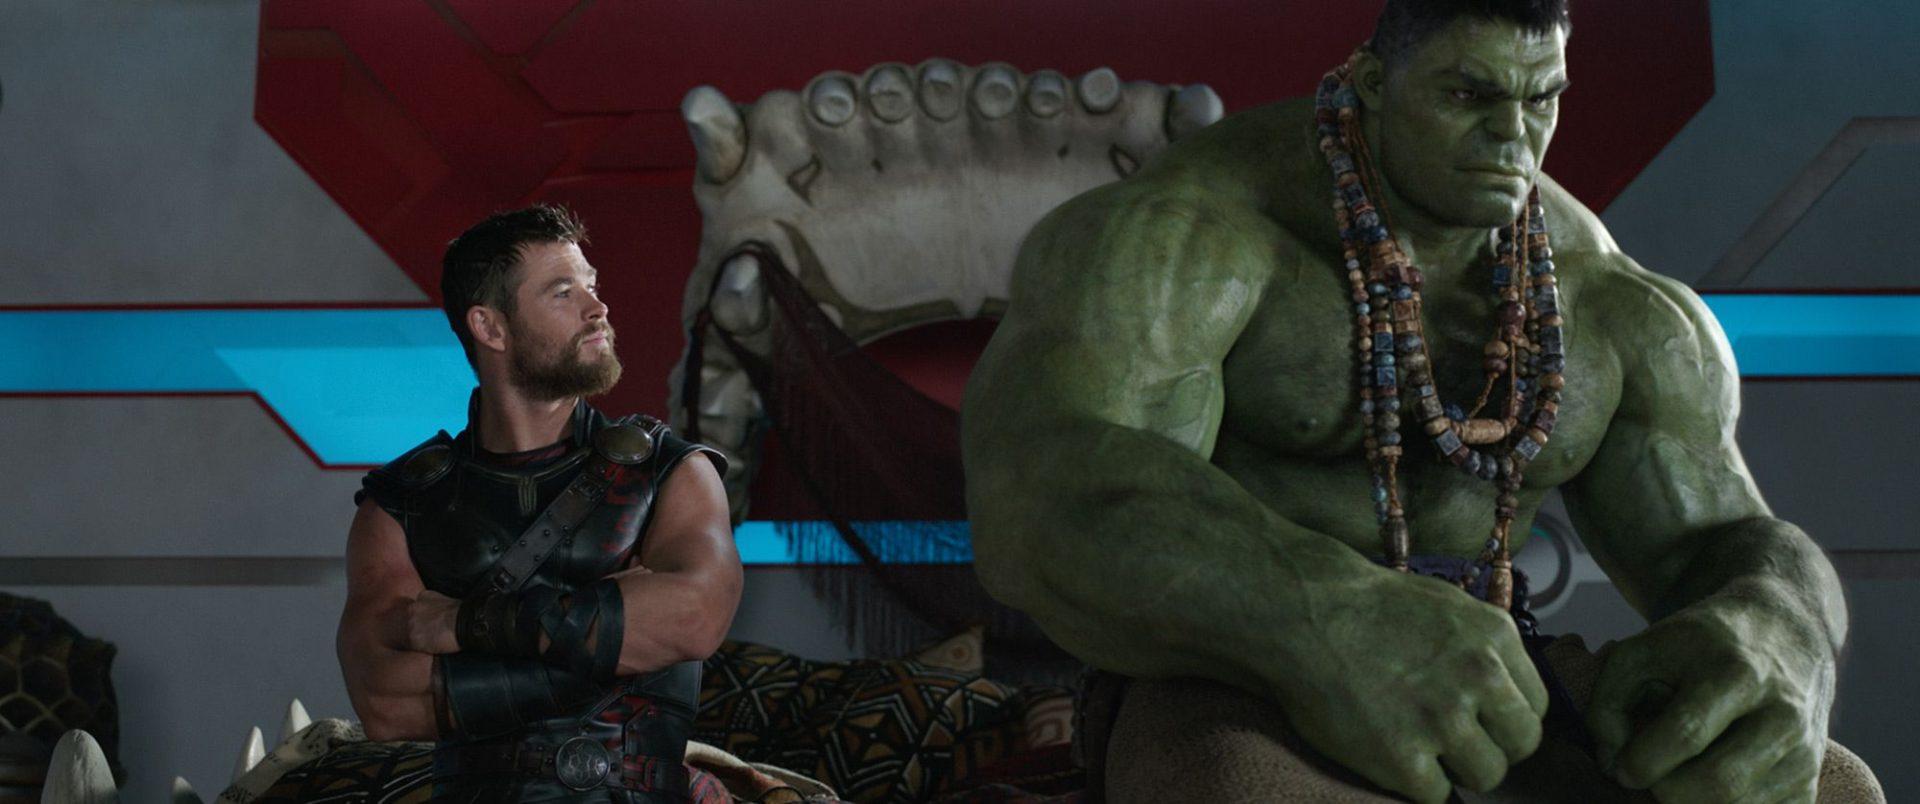 Artigo Vingadores: Ultimato COM SPOILERS, Hulk Thor: Ragnarok, Delfos